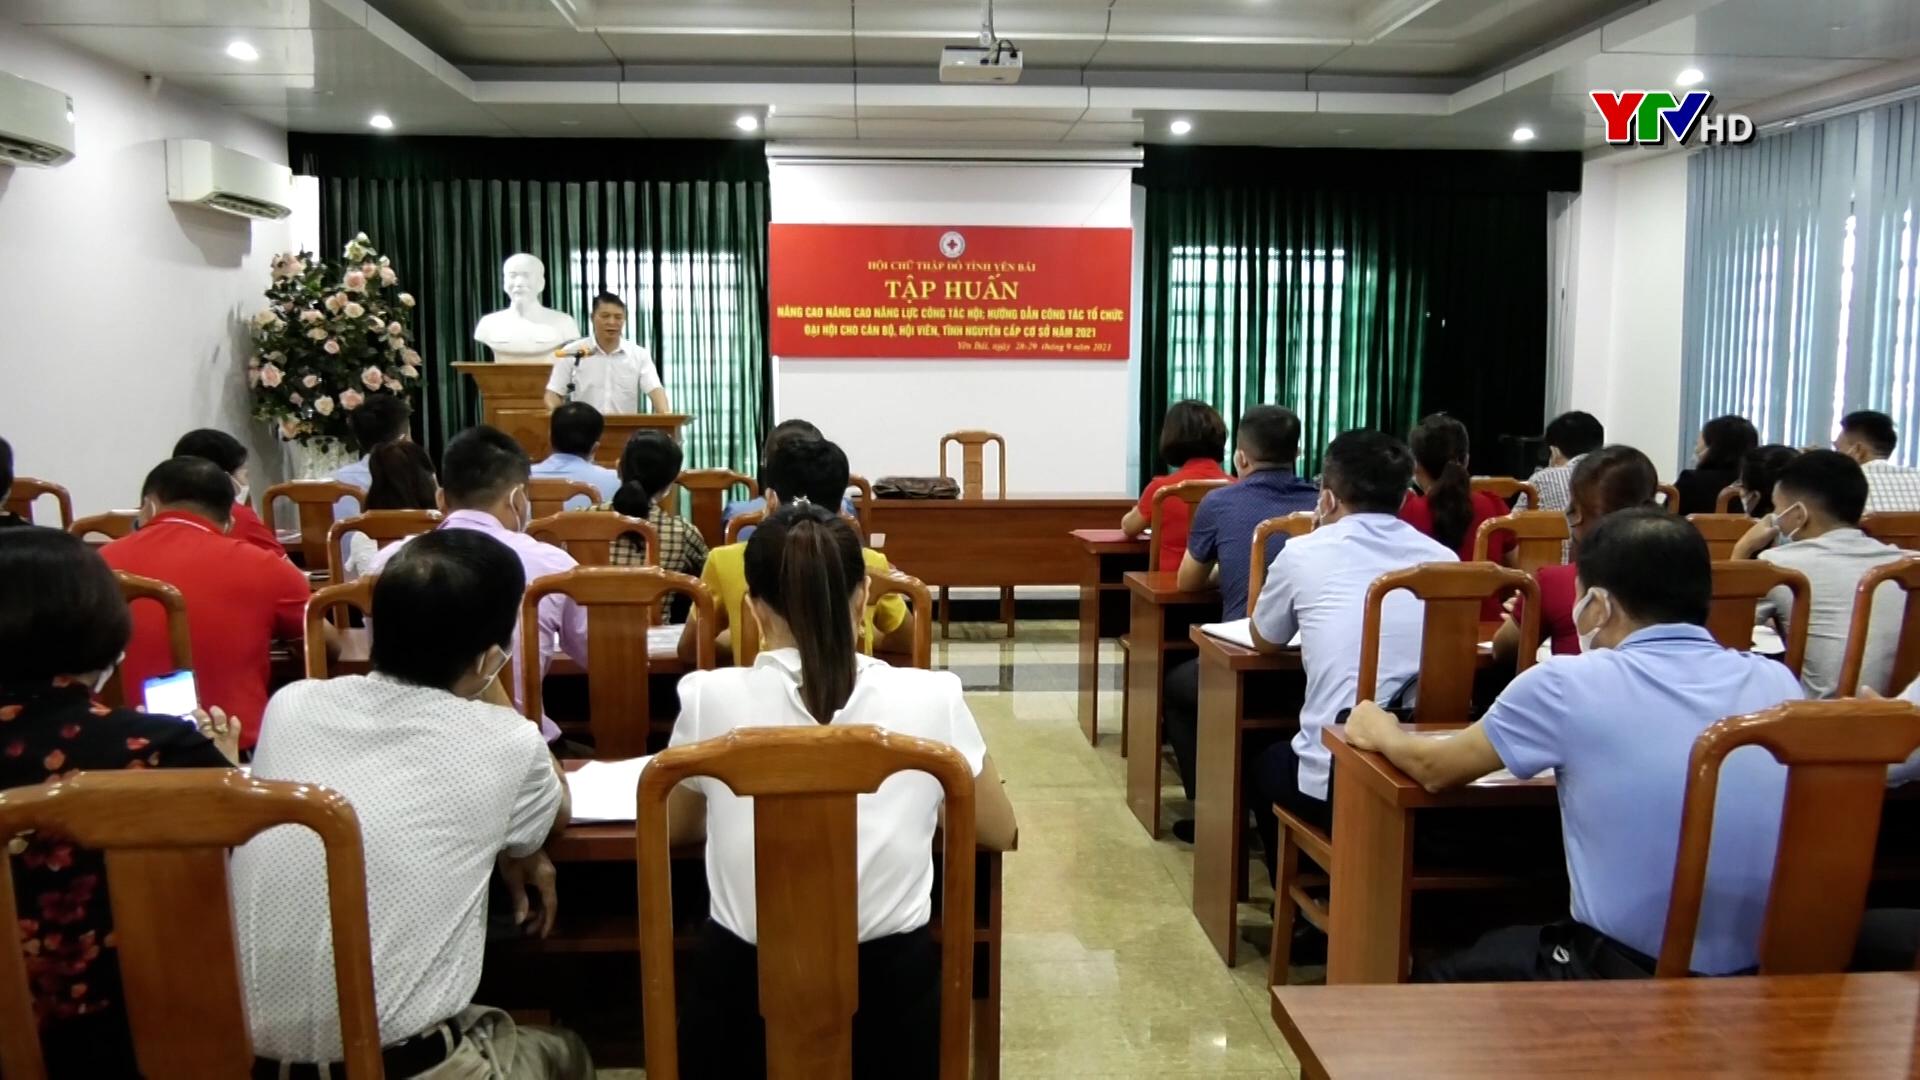 Tập huân nâng cao năng lực công tác Hội Chữ thập đỏ